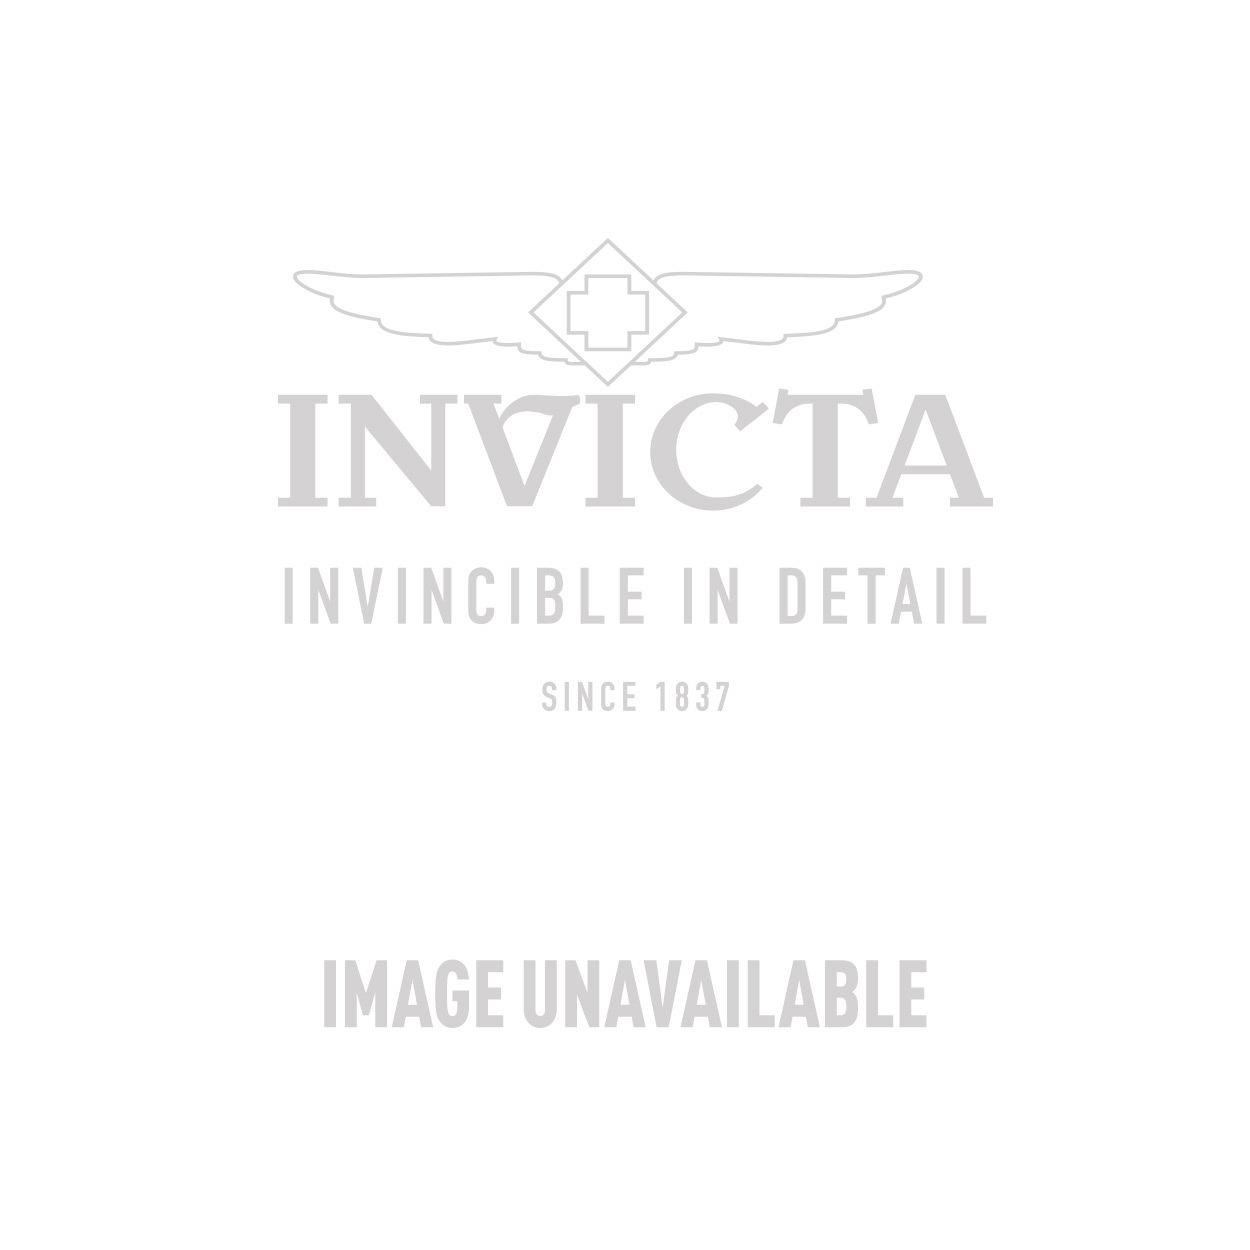 Invicta Watch Case DC8BRWN/BLU